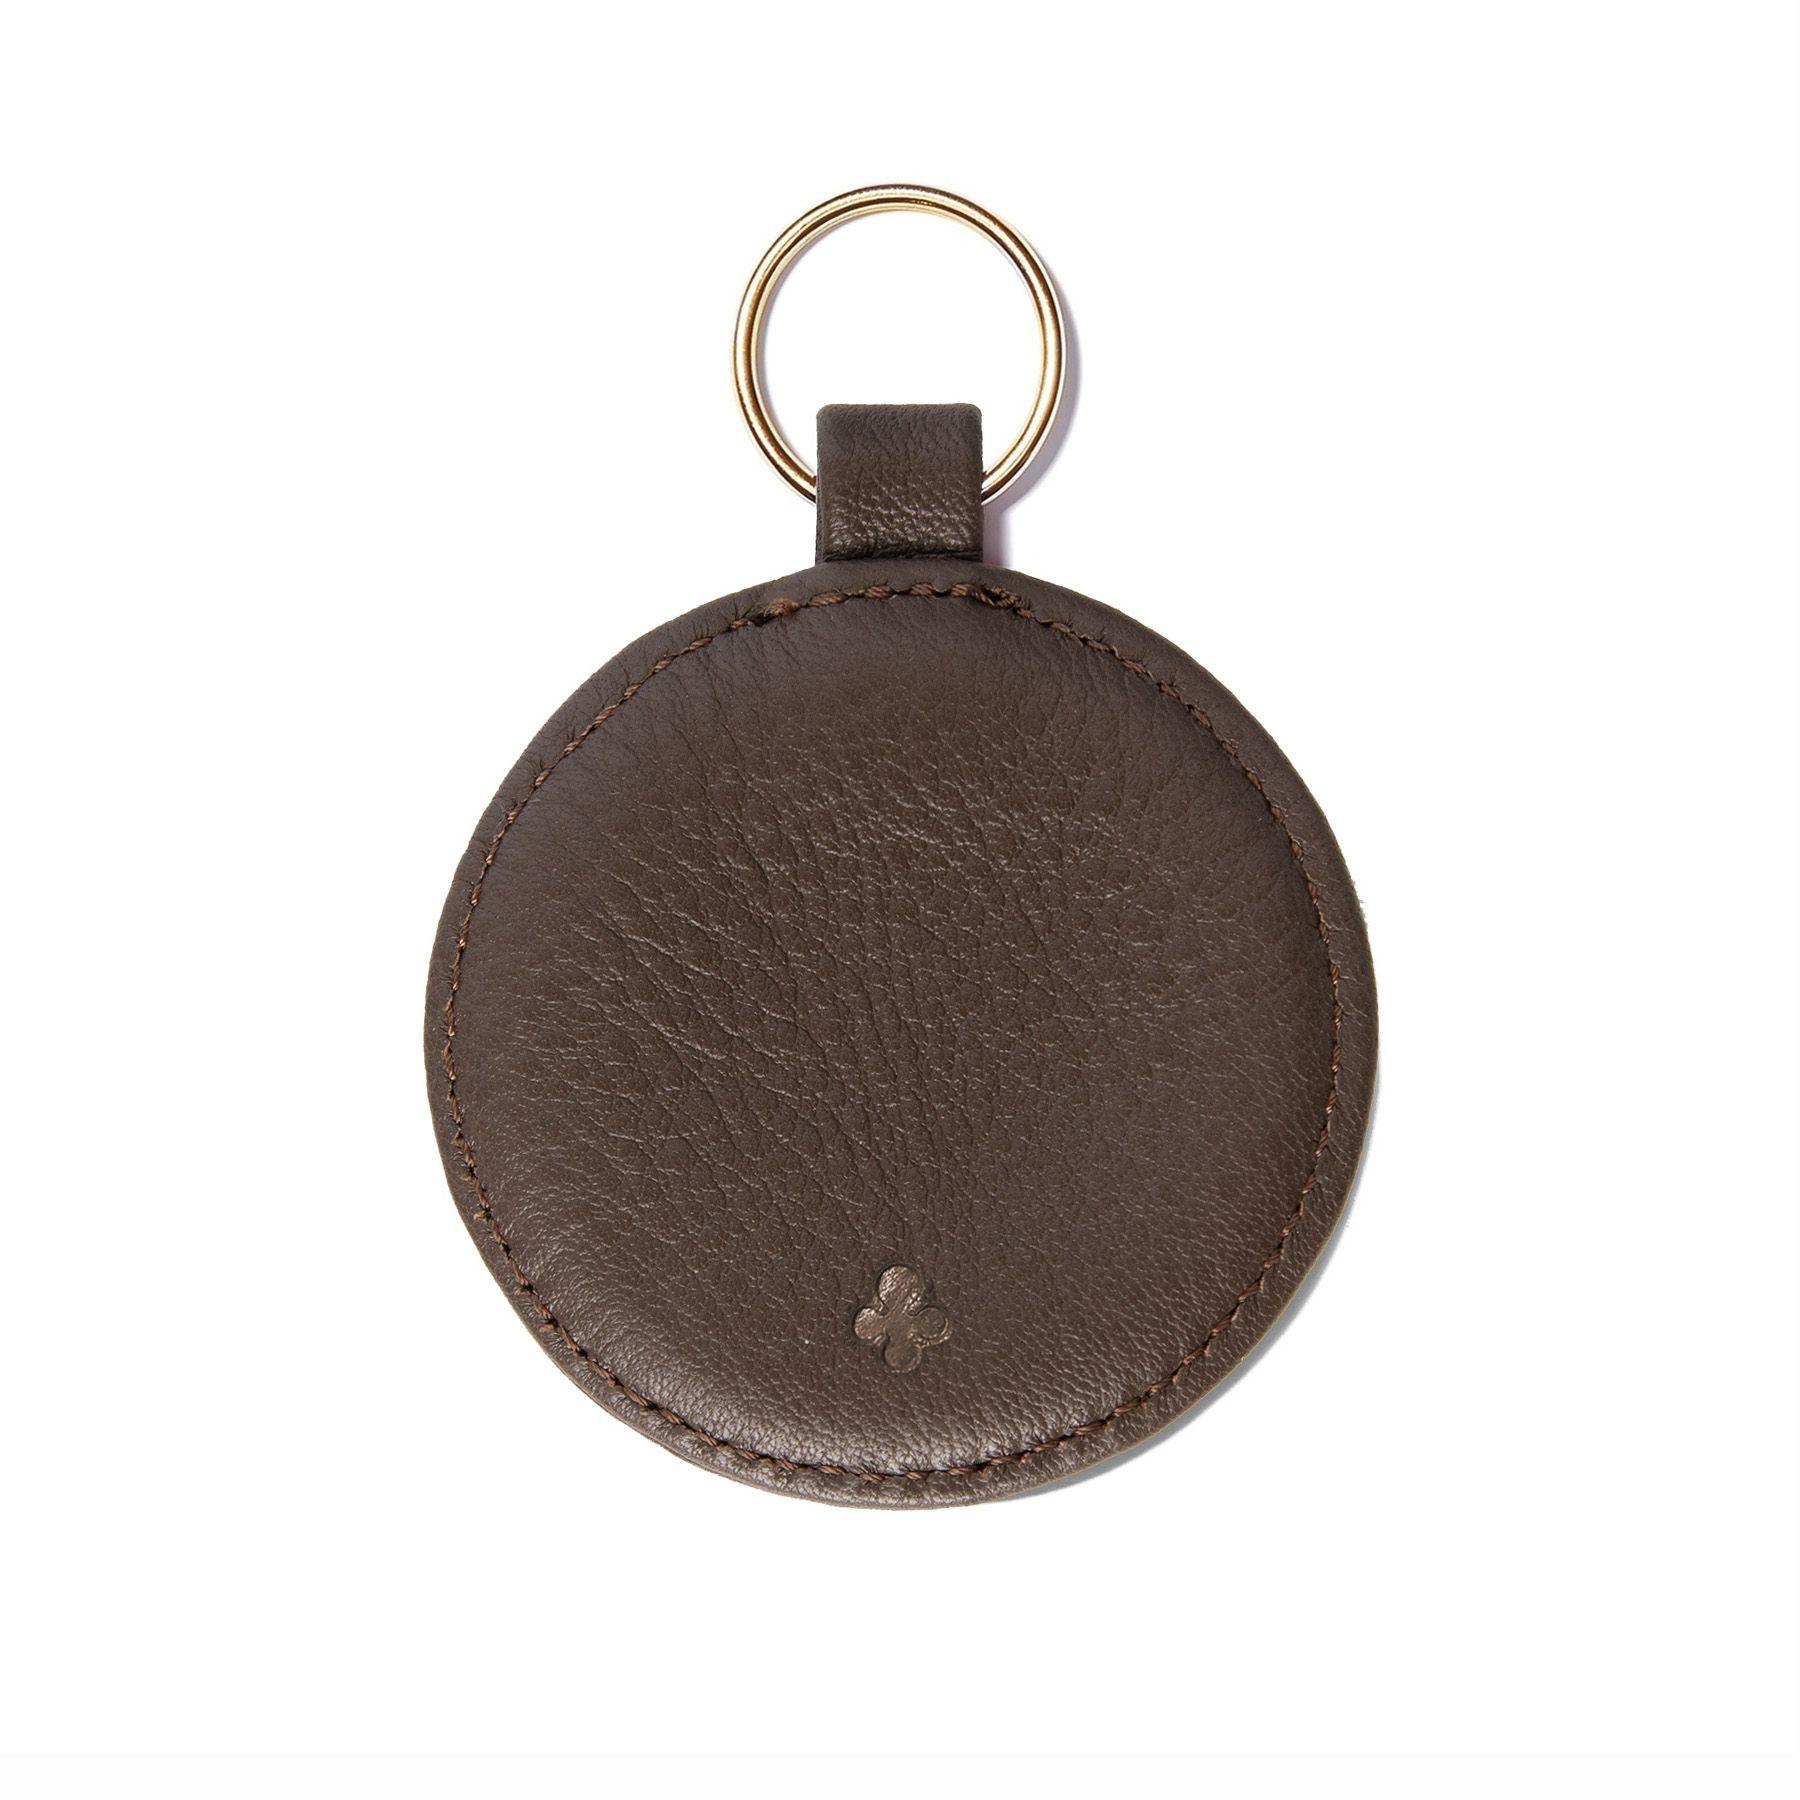 Personalizowany brelok w kształcie medalika, brązowy, okucia w kolorze złotym